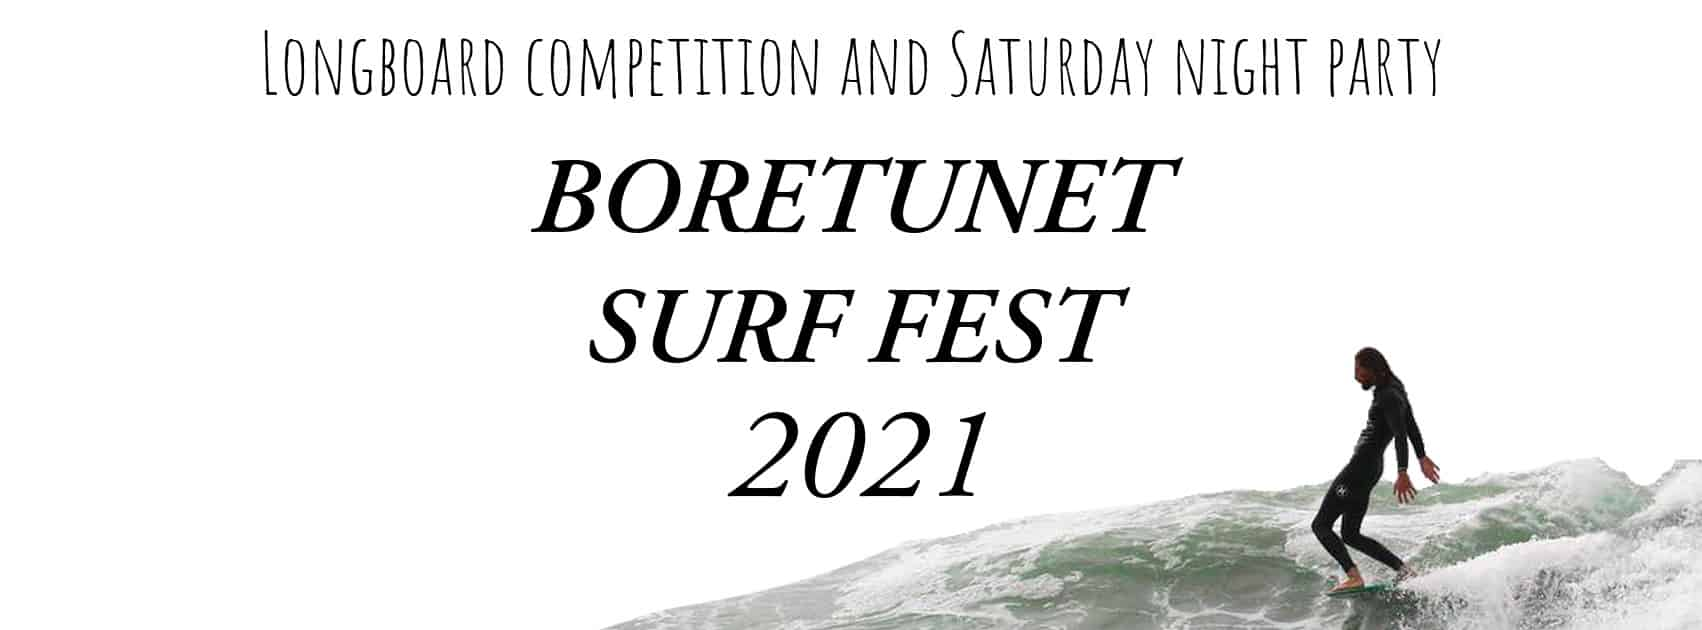 Boretunet surf fest